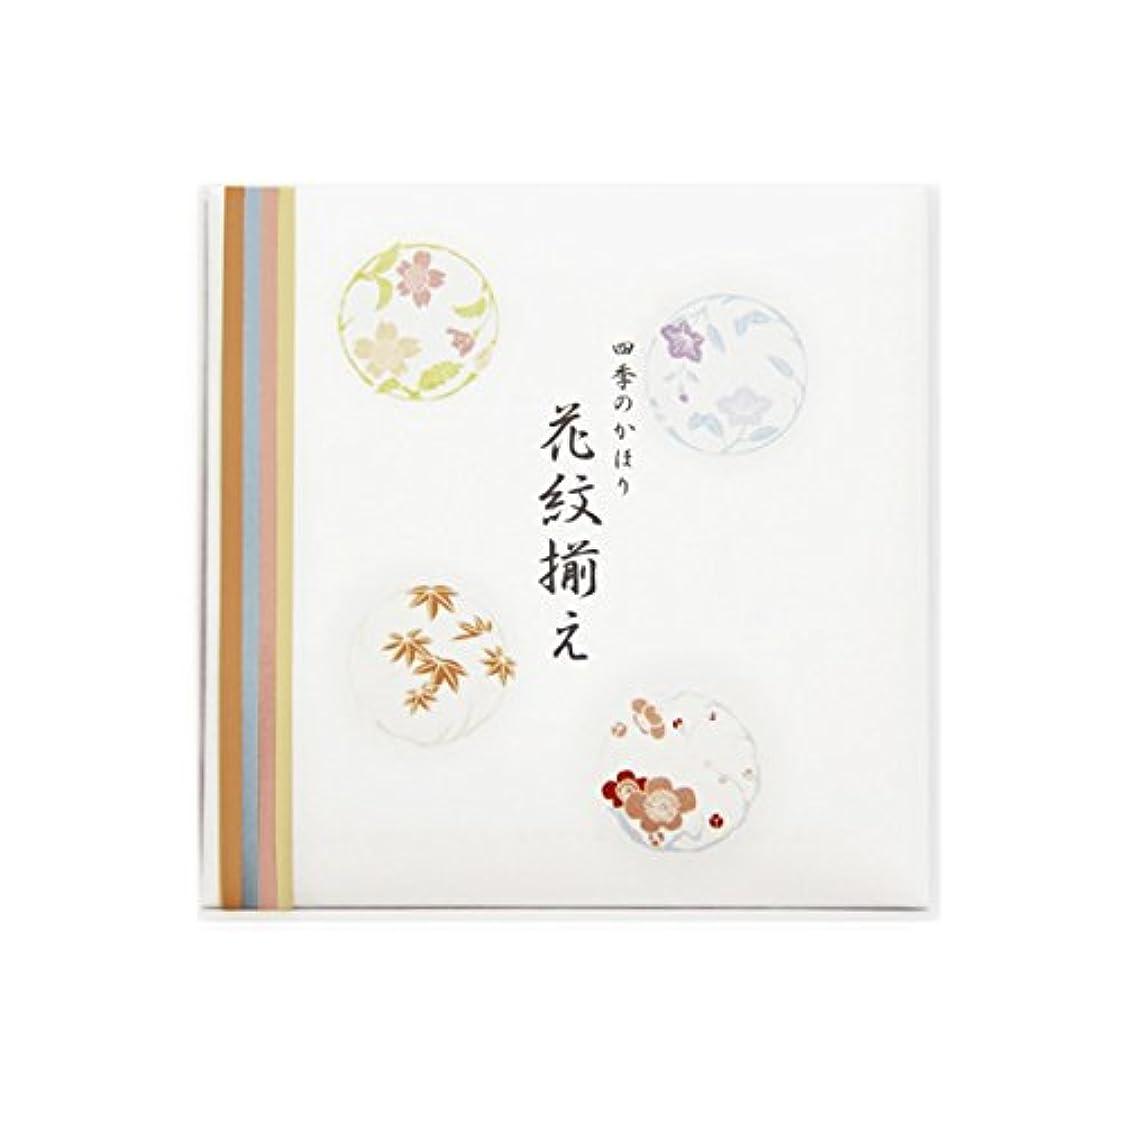 動力学アイザック良さ四季の香り 花紋揃え スティック4種各4本入